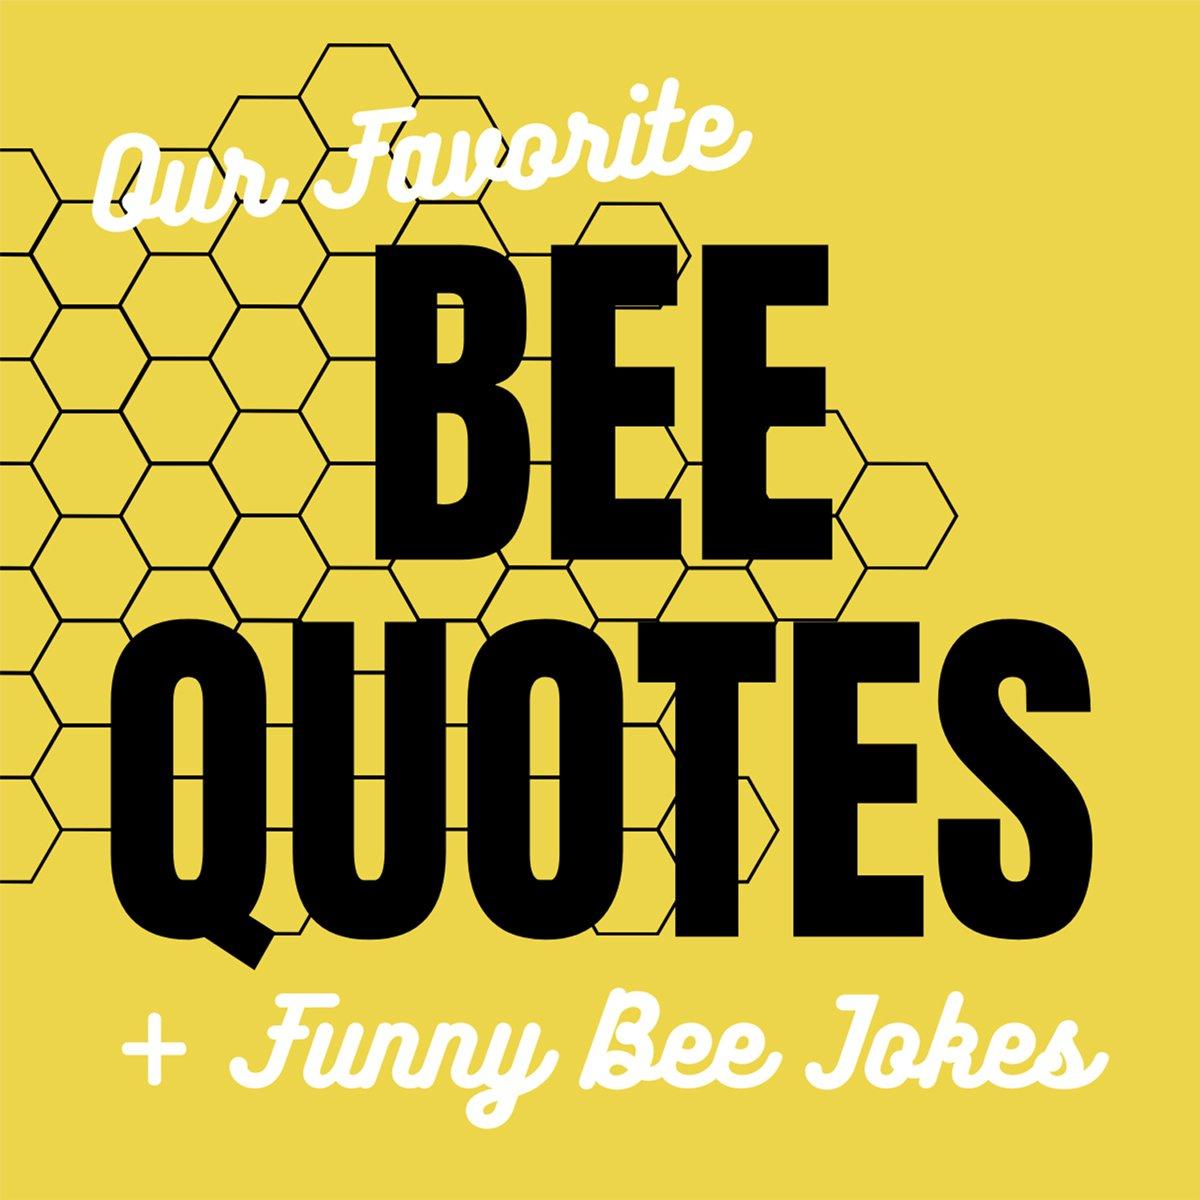 Bee Quotes Jokes